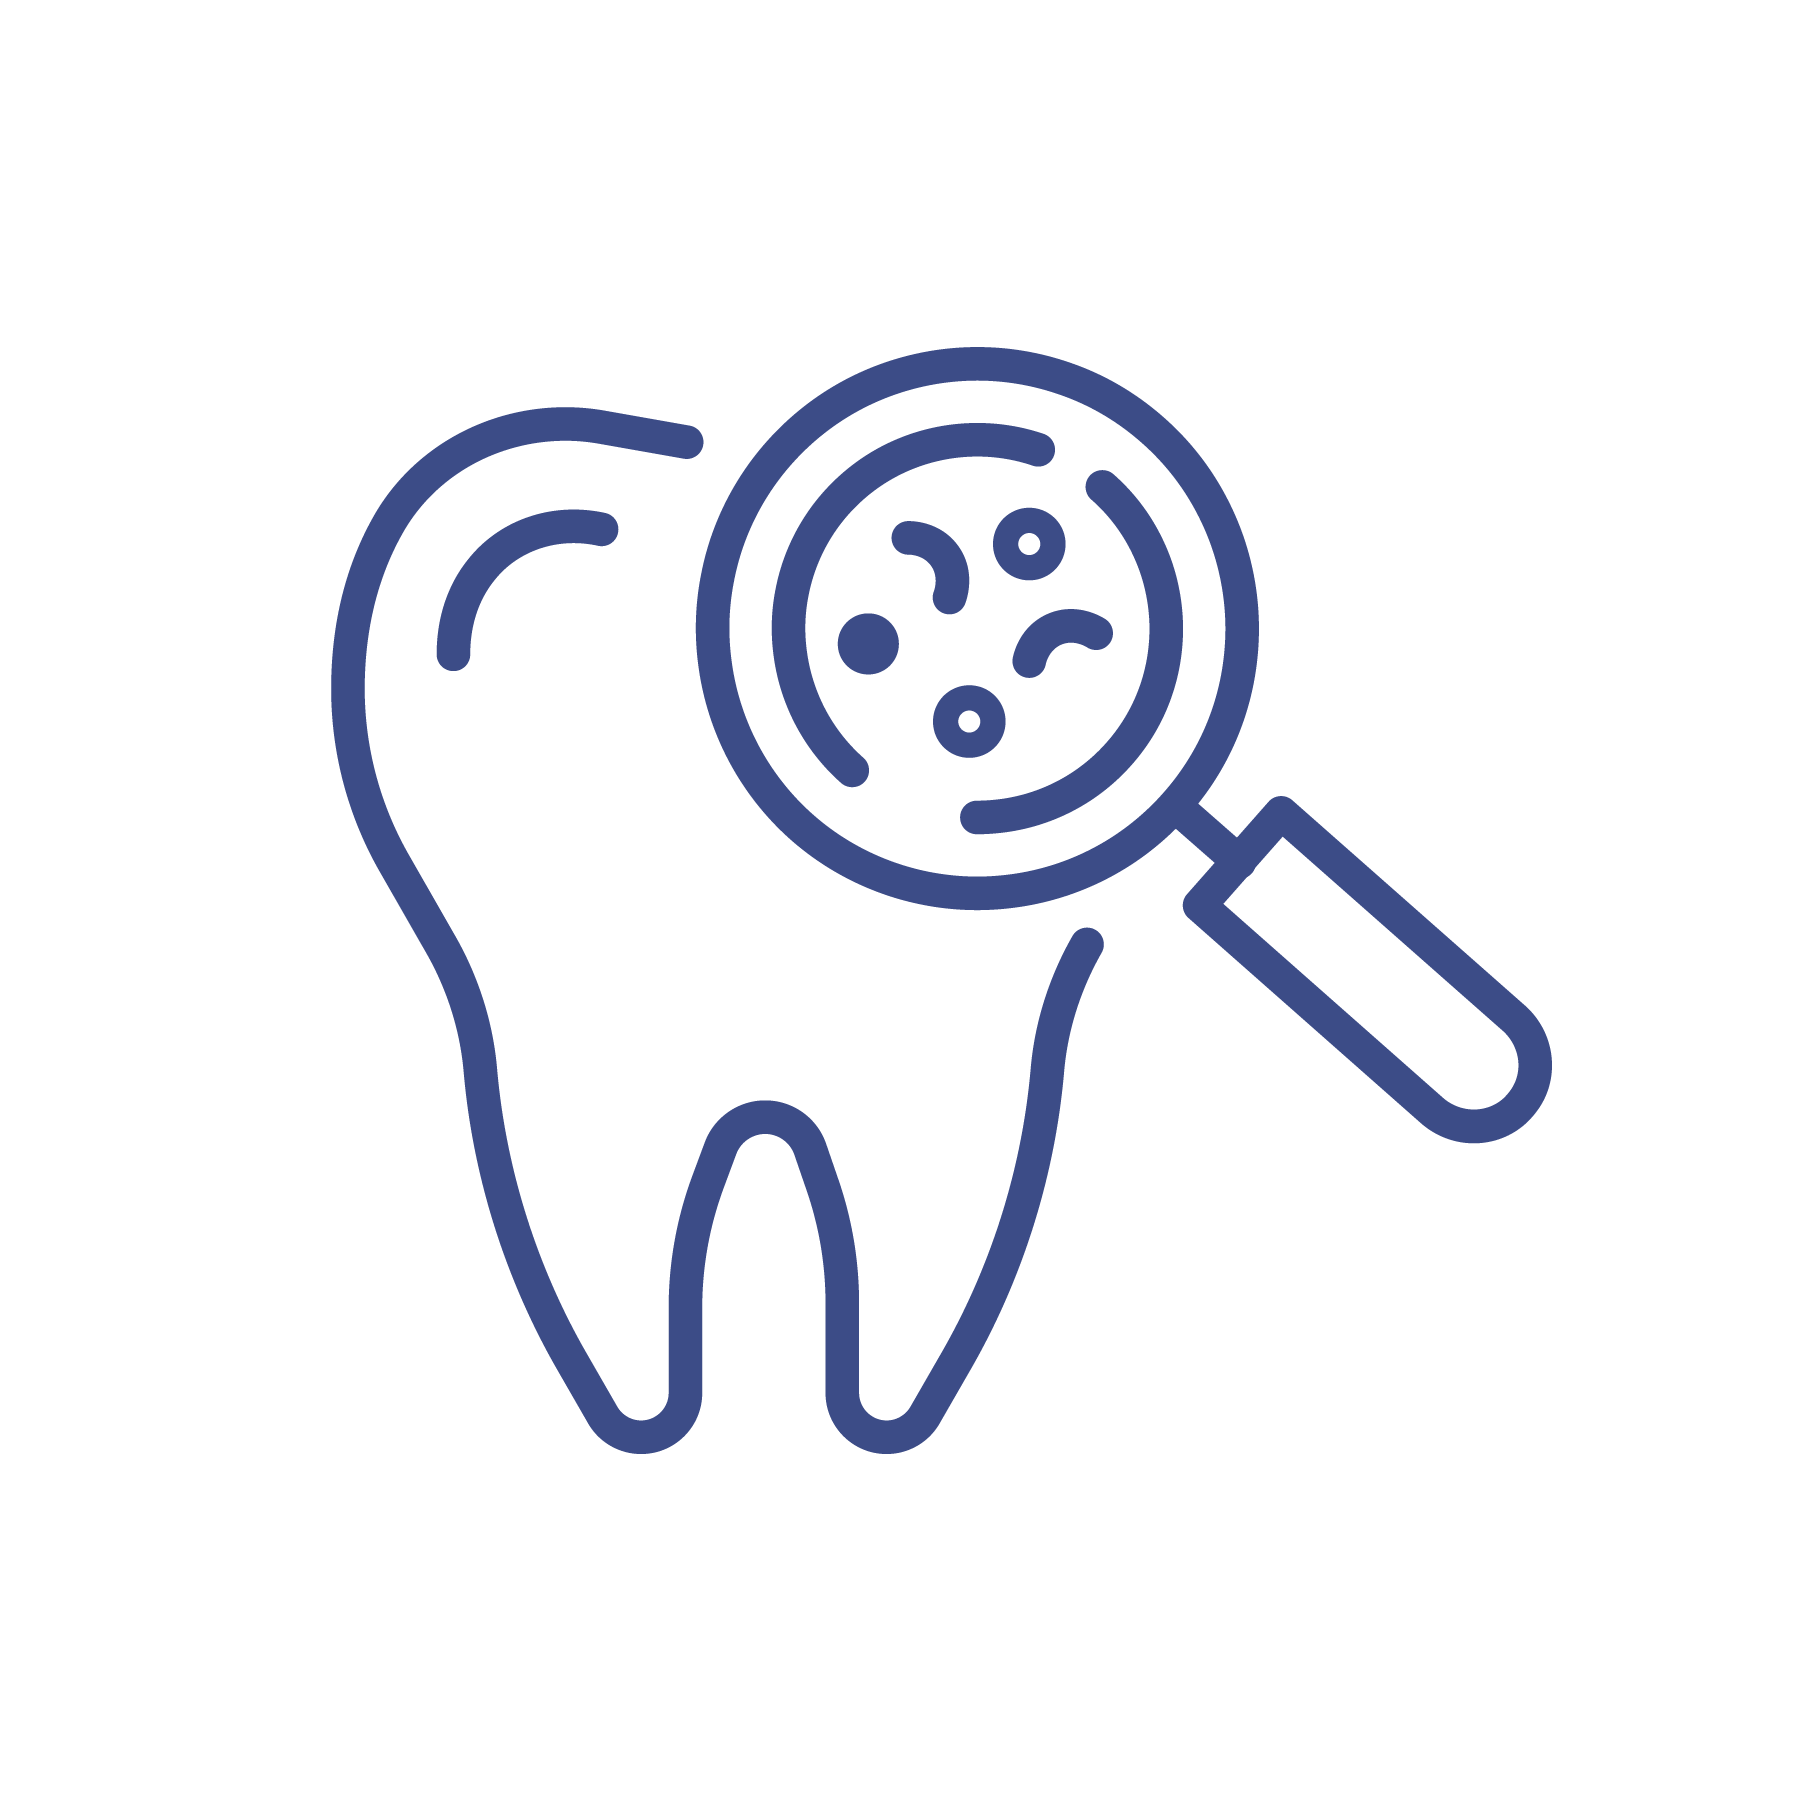 Dental xray icon